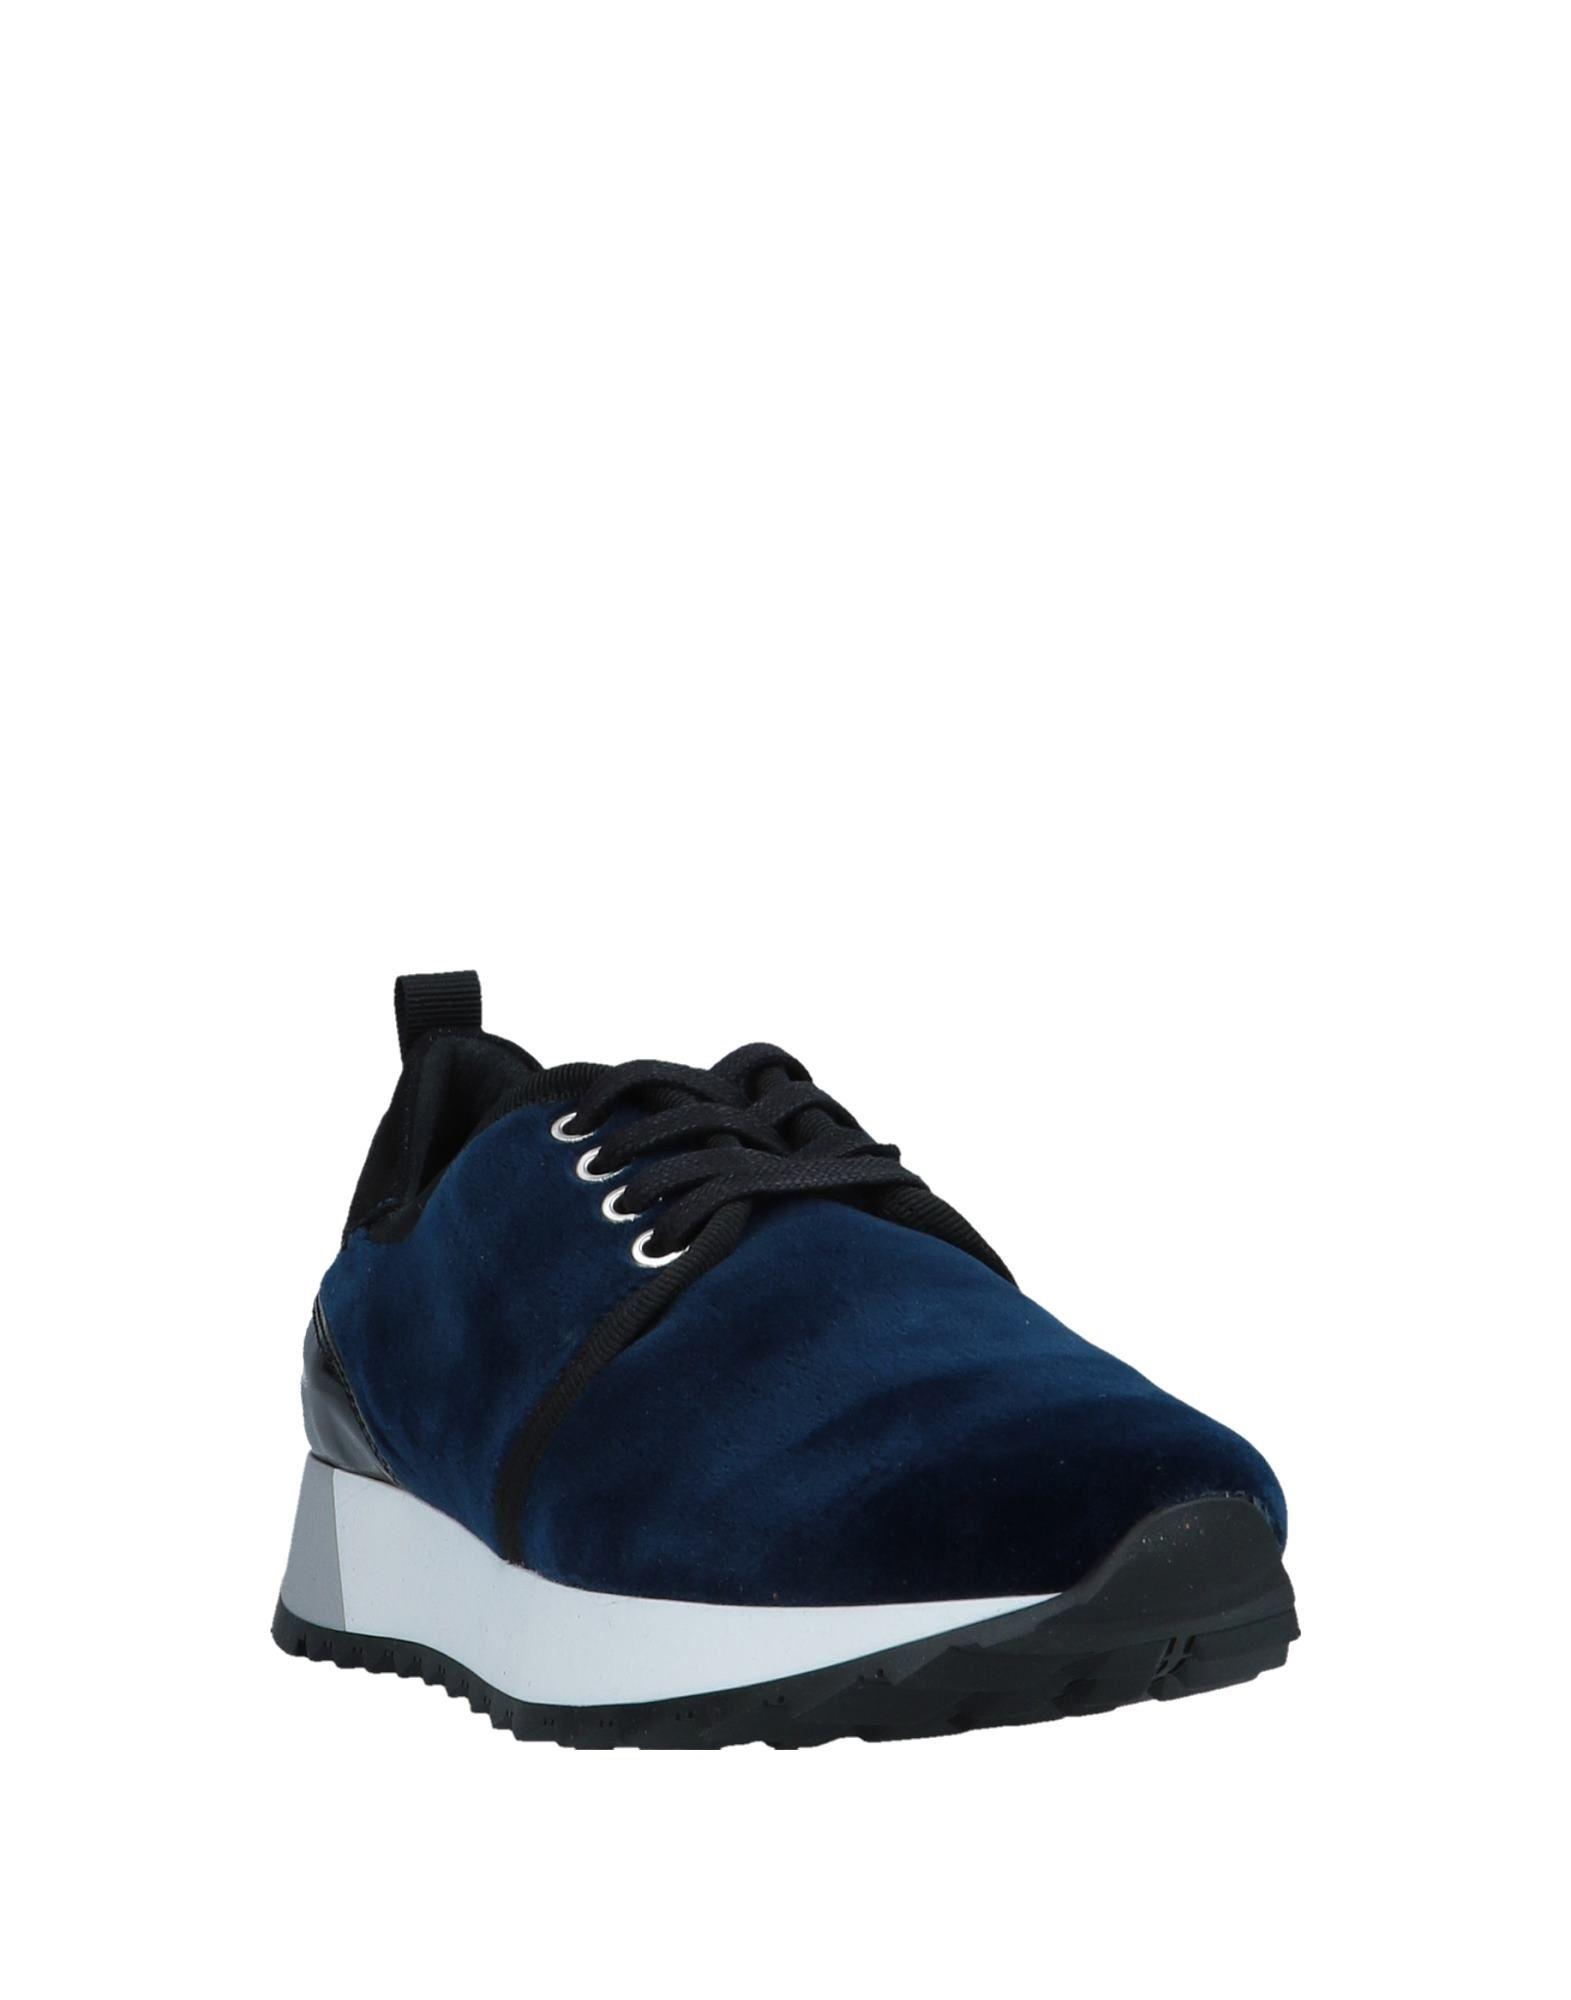 Kanna Turnschuhes beliebte Damen 11570139BA Gute Qualität beliebte Turnschuhes Schuhe e9572e